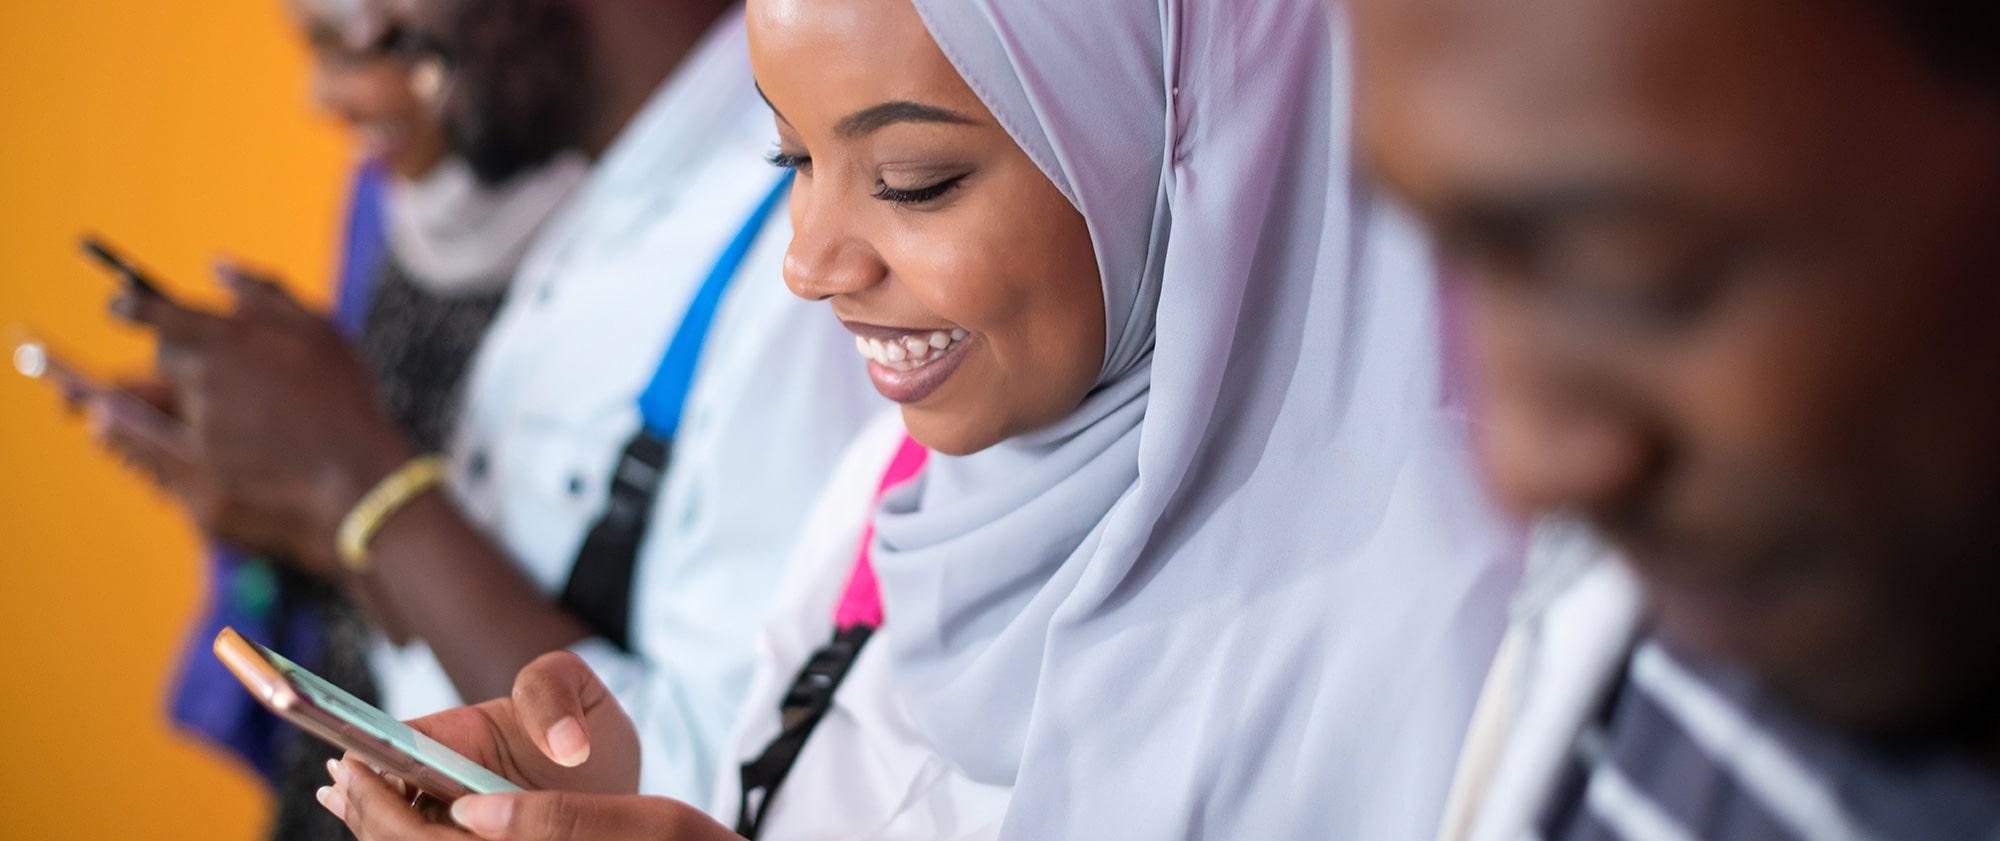 أصواتنا: دعوة لتقديم طلبات للاستفادة من برنامج تدريب إذاعي تنظمه الوكالة الفرنسية لتنمية الإعلام CFI في السودان